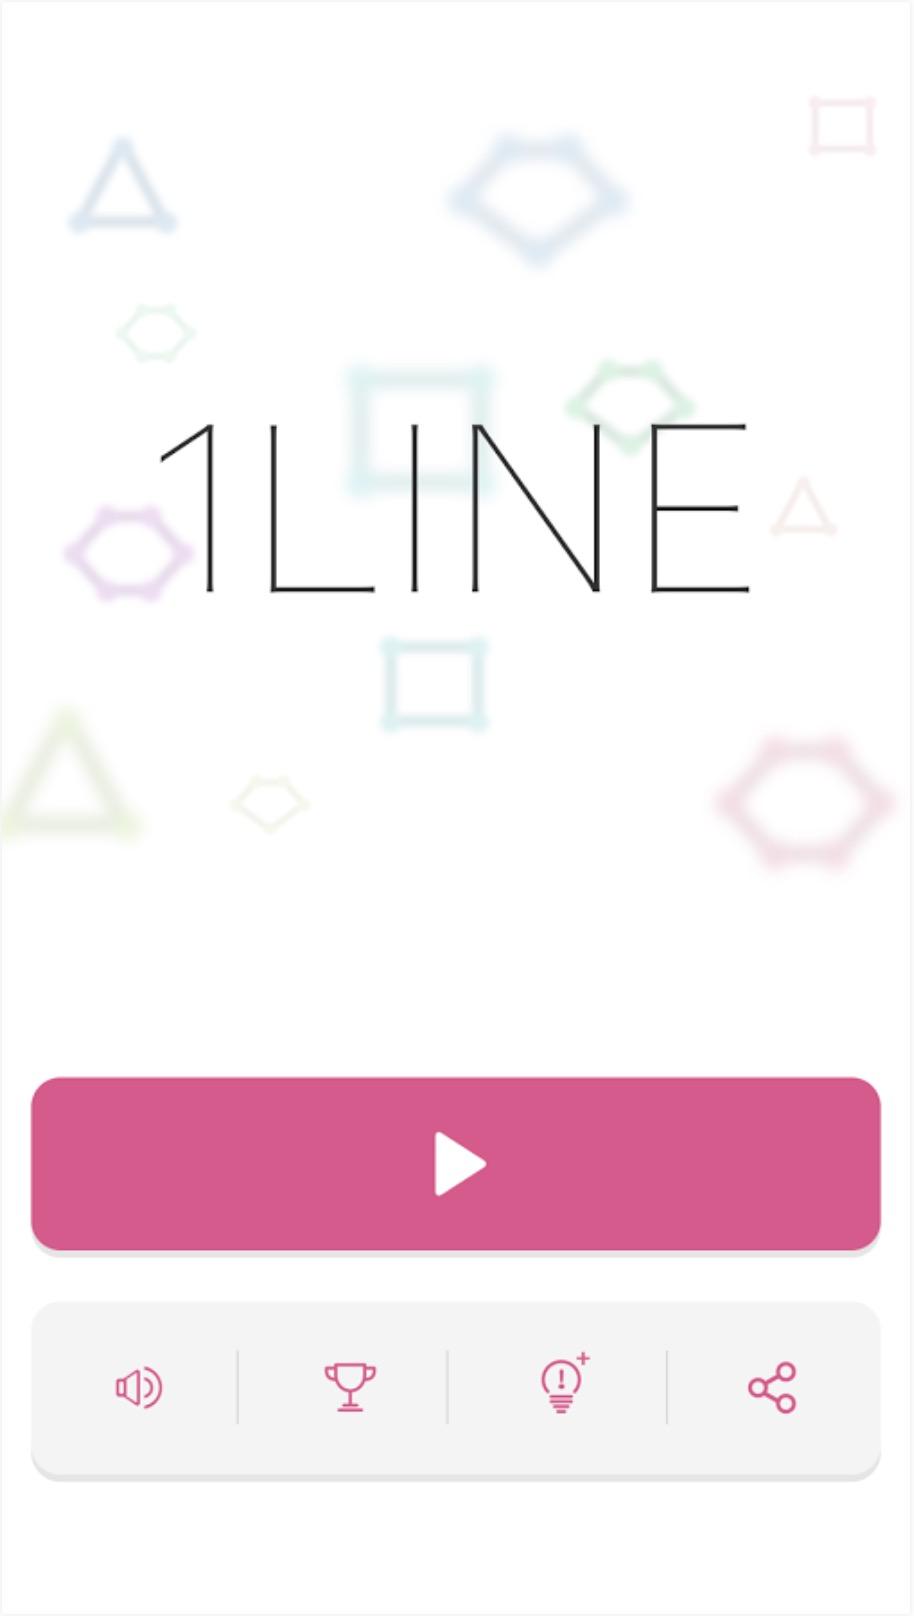 頭が良くなる一筆書きパズルゲーム1LINE